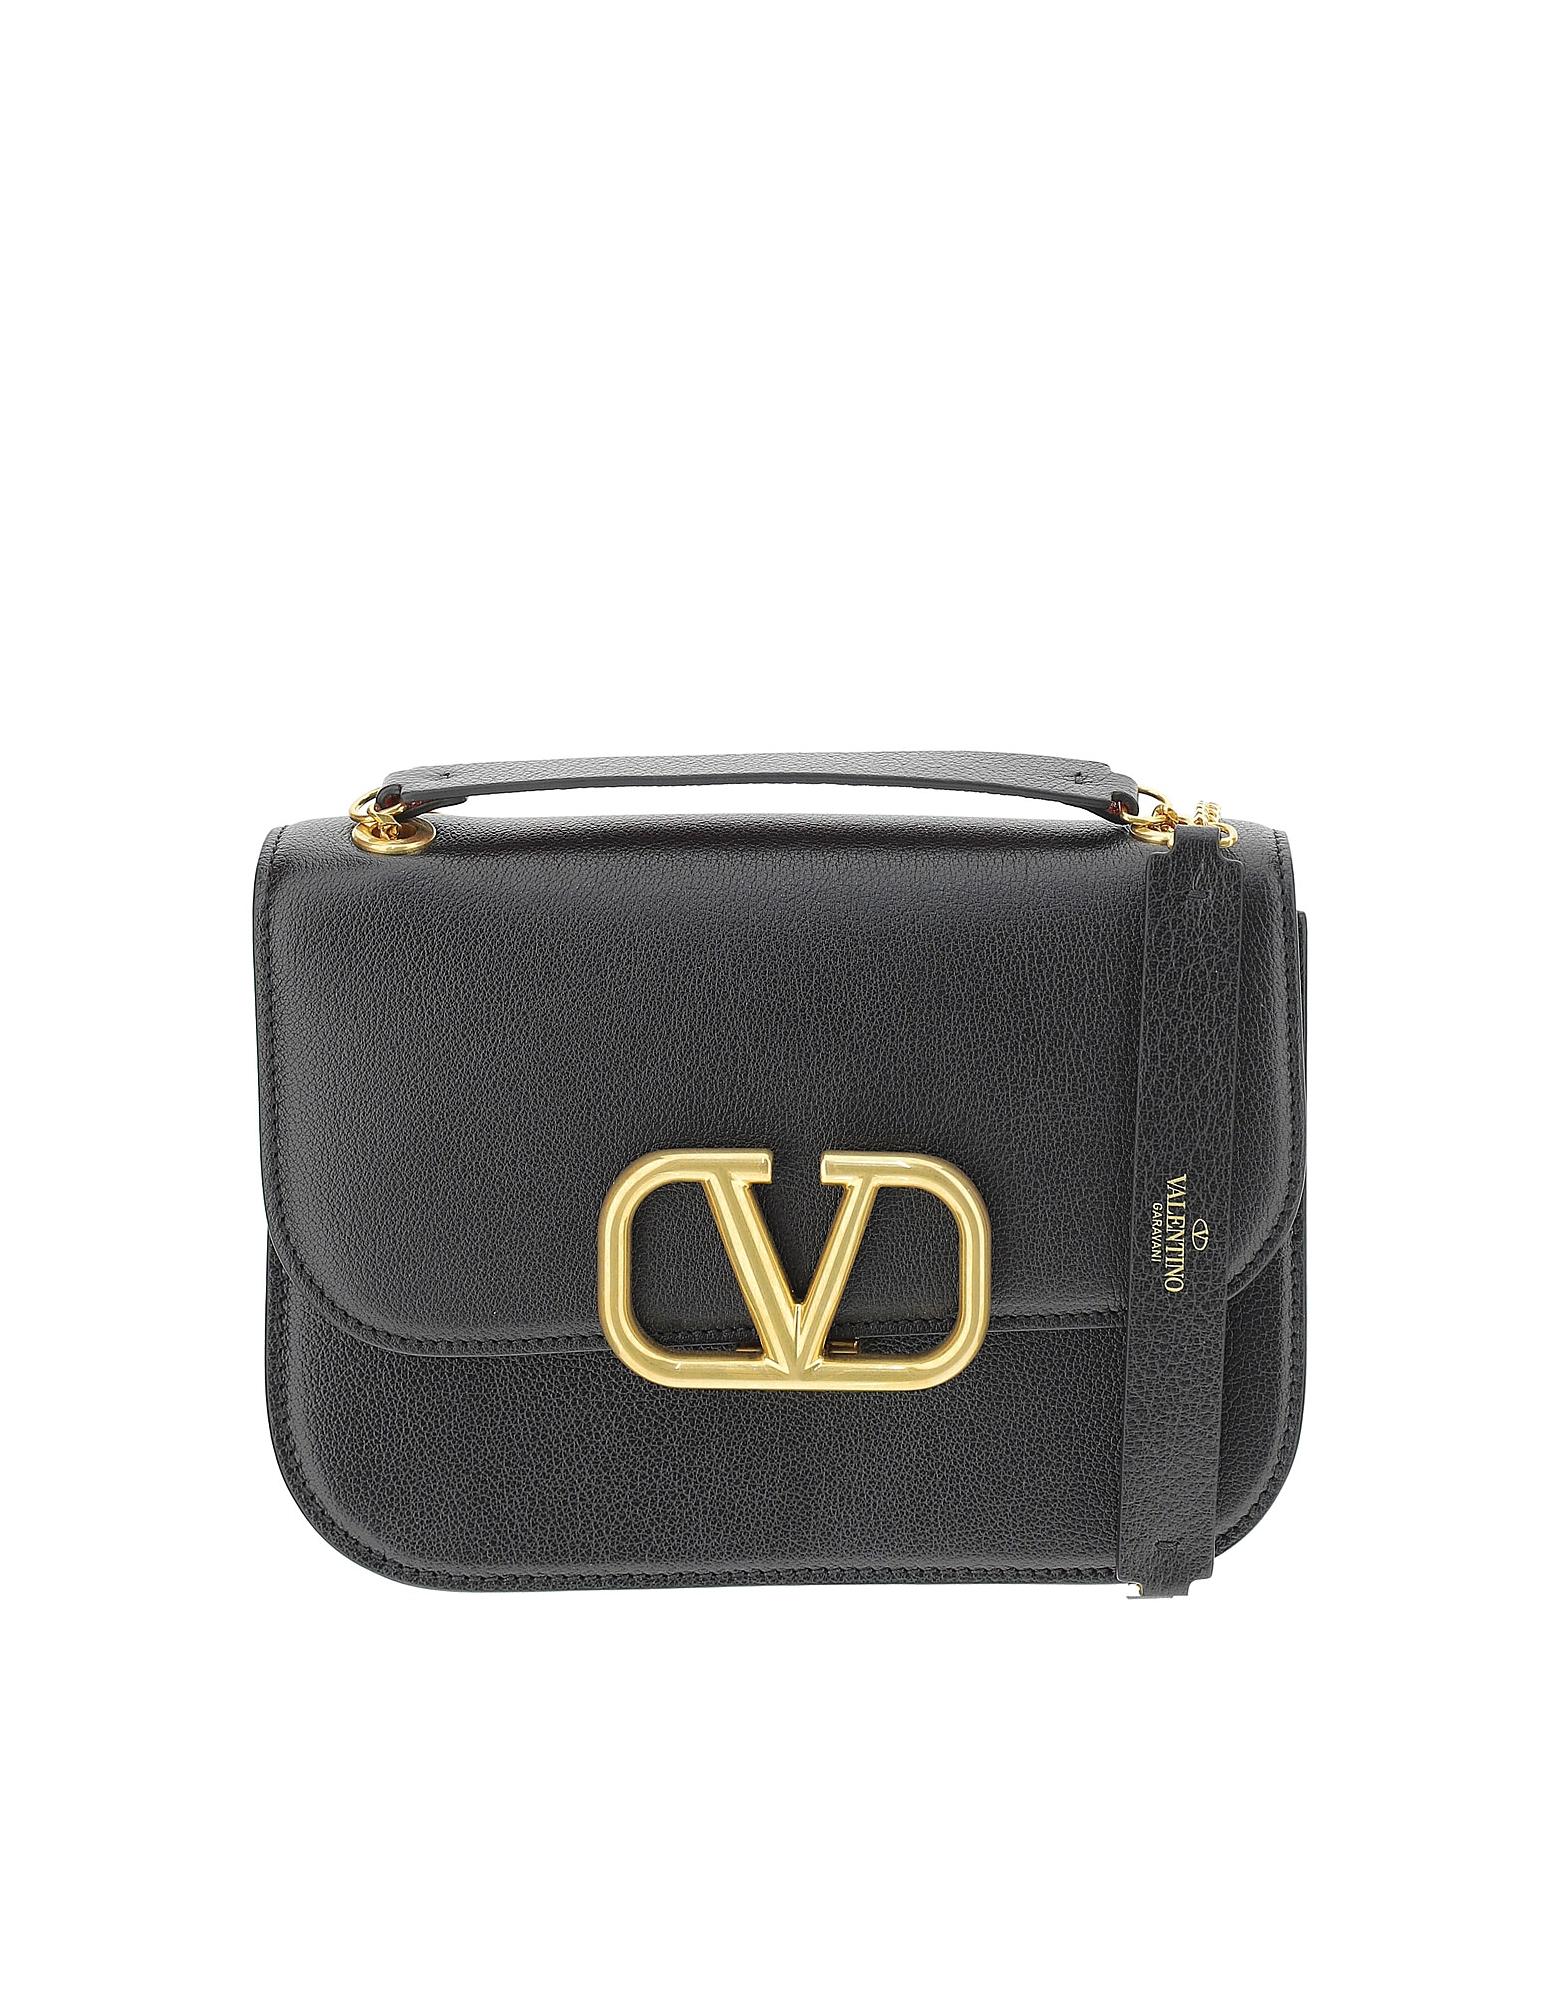 Valentino Designer Handbags, Black Leather Vlock Shoulder Bag